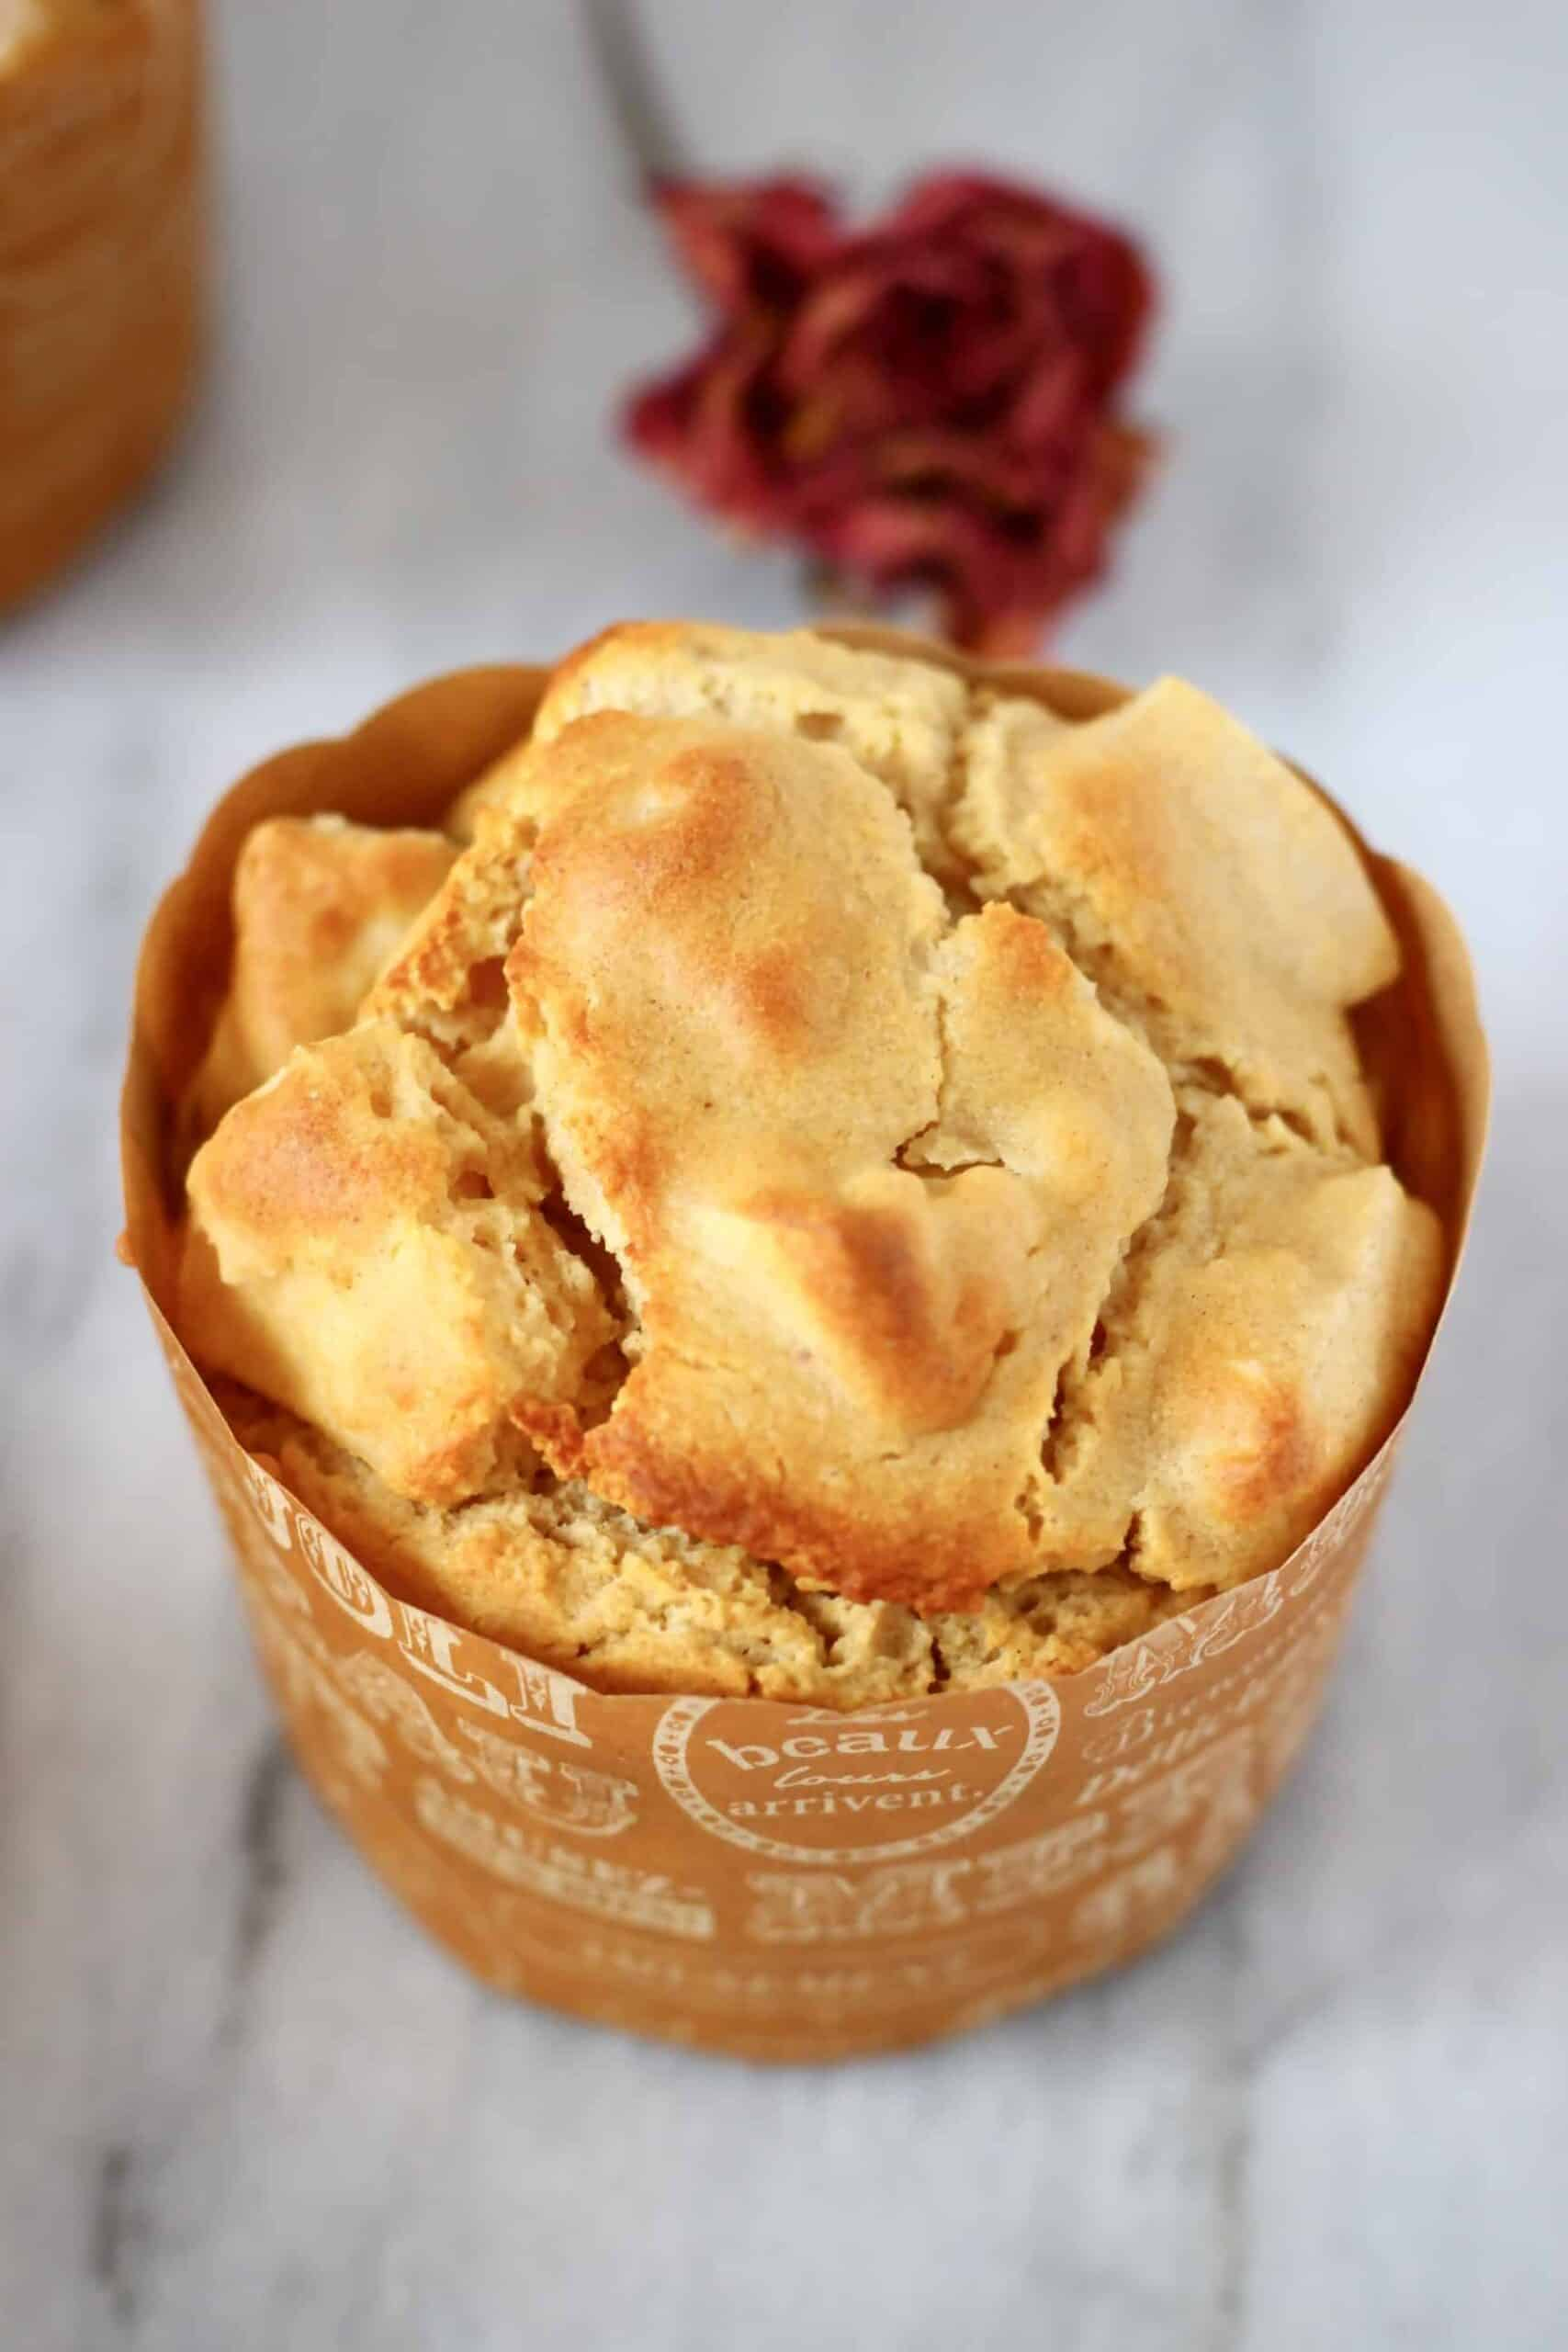 A gluten-free vegan apple muffin in a brown muffin case